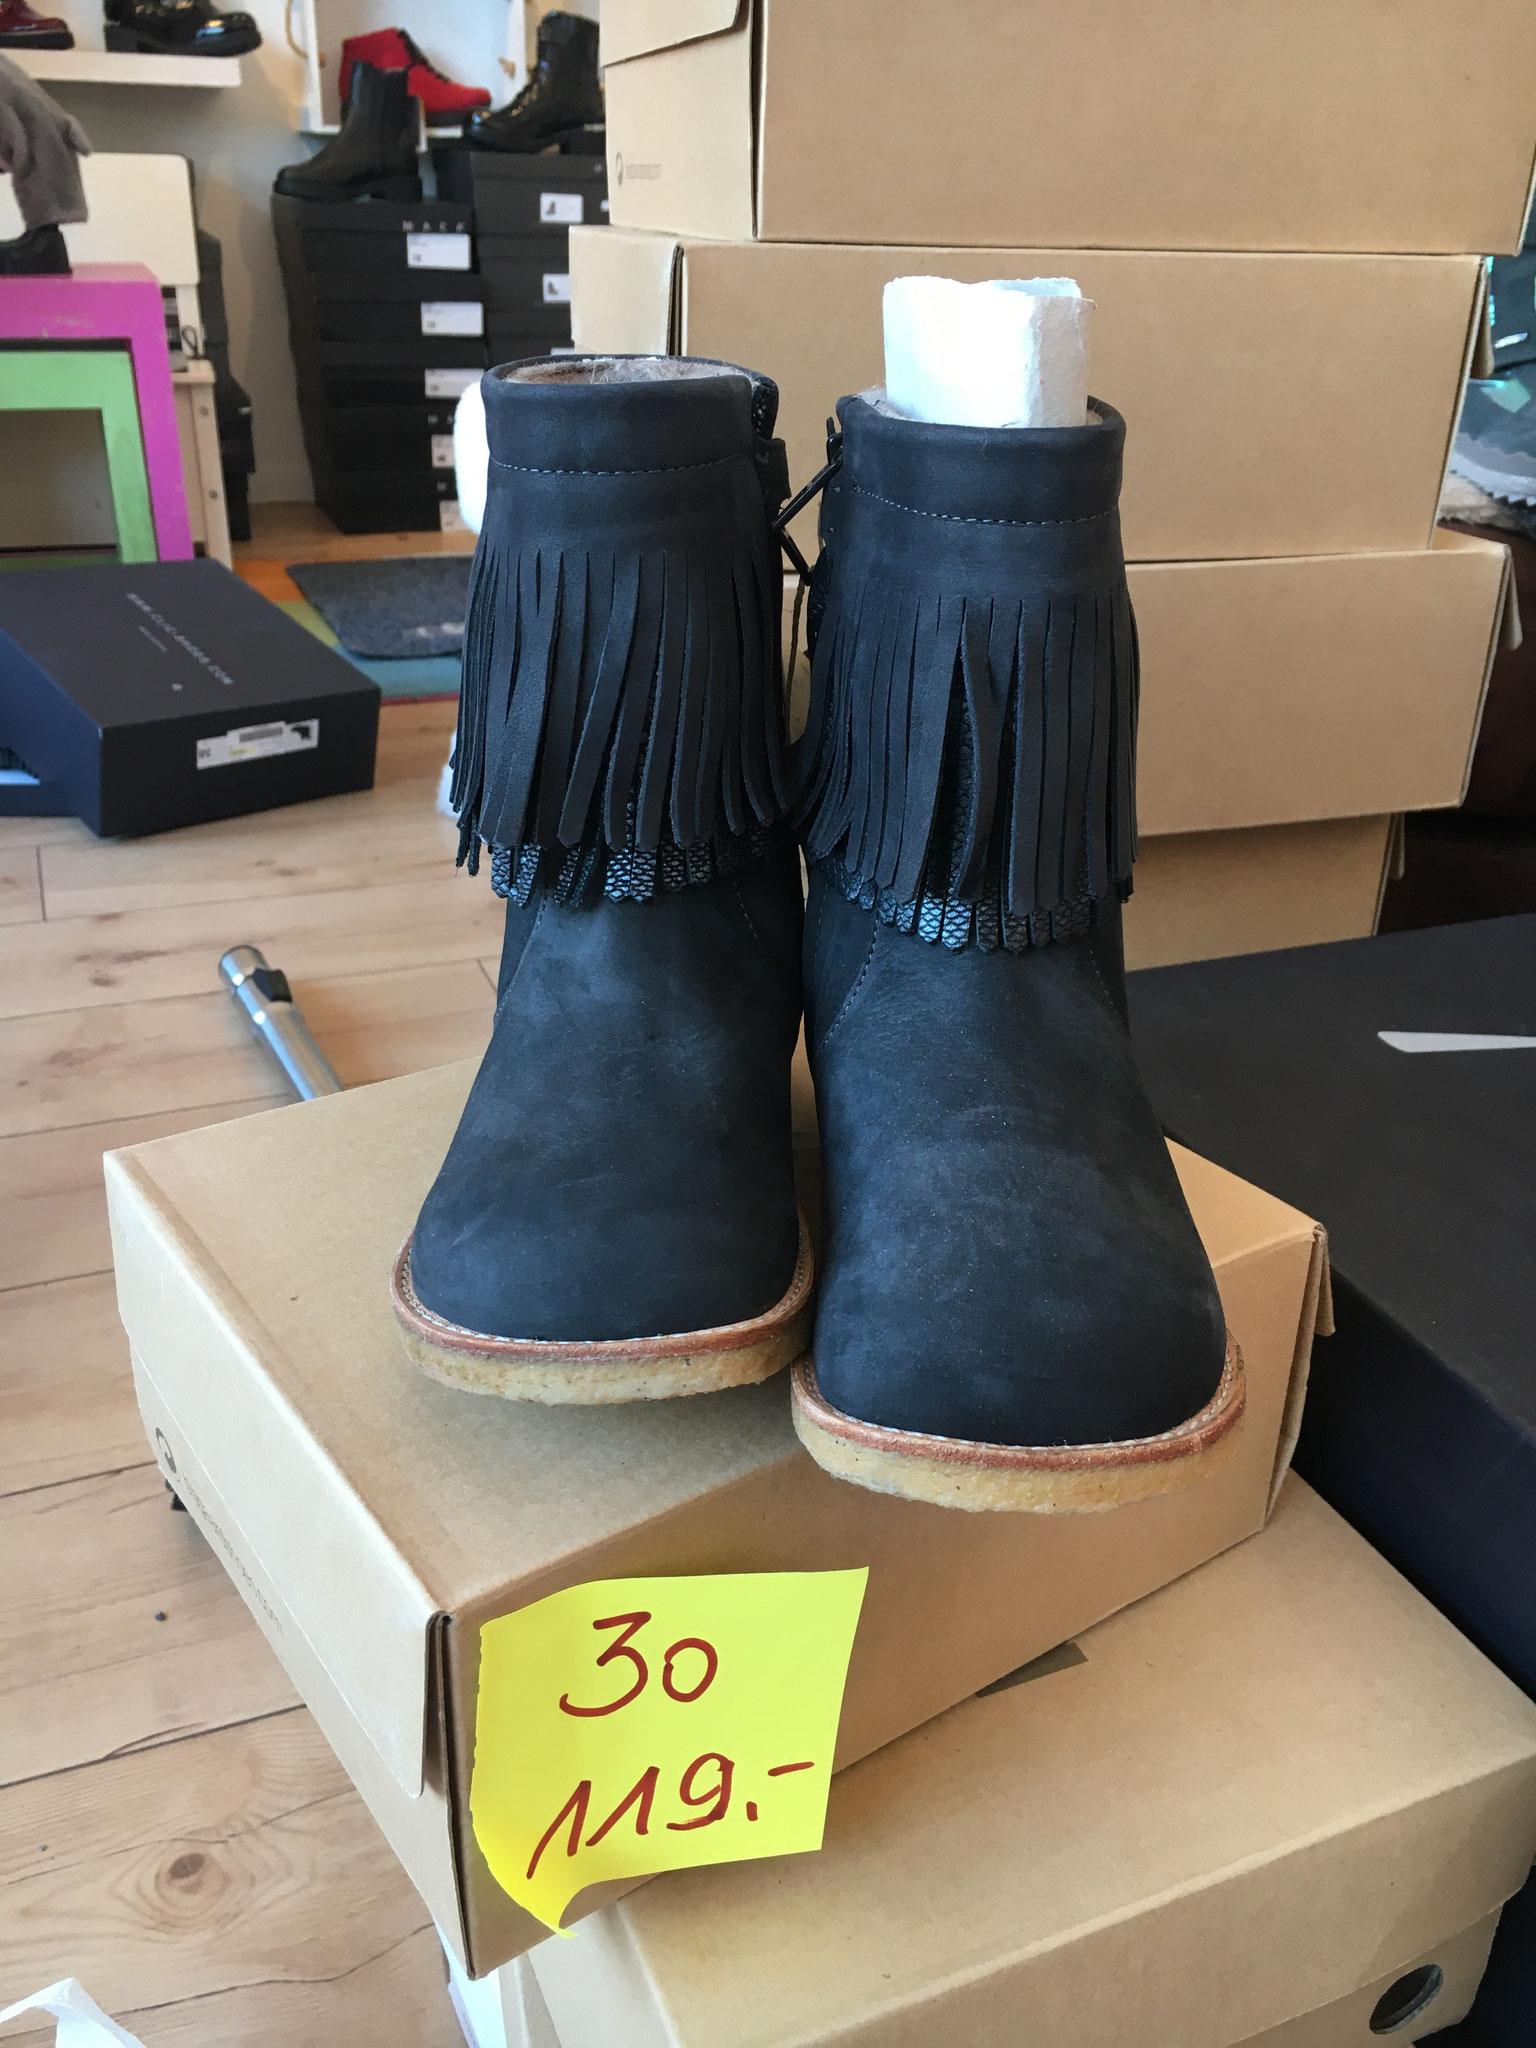 bisgaard - Größe 30 - jetzt 49,90 €